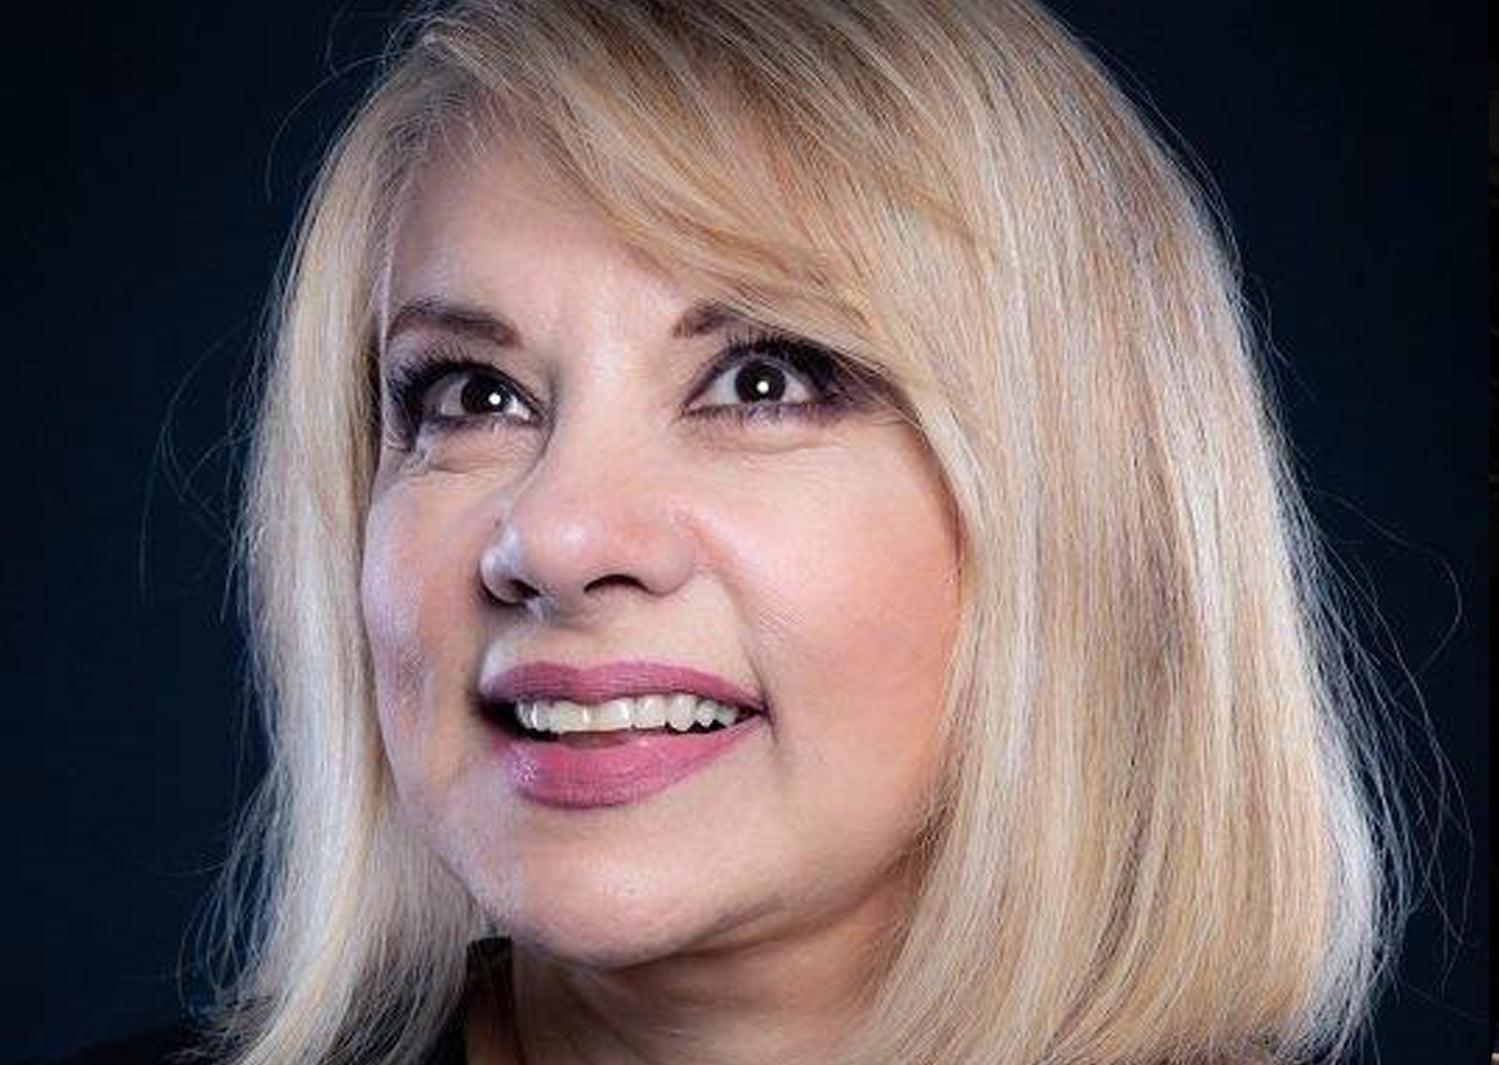 Άννα Ανδριανού: Η απώλεια που τη σημάδεψε και το αυτοάνοσο που της άλλαξε τη ζωή